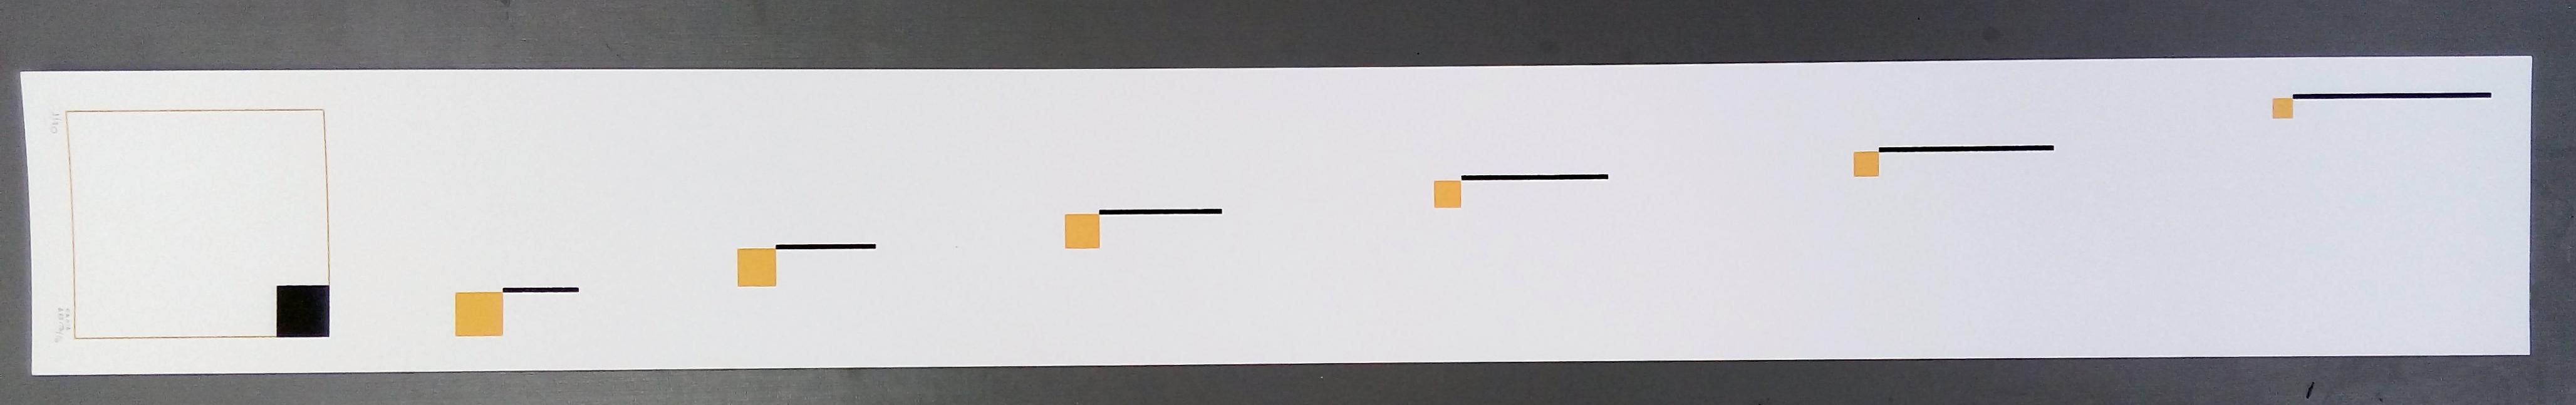 CT575 - 100x12